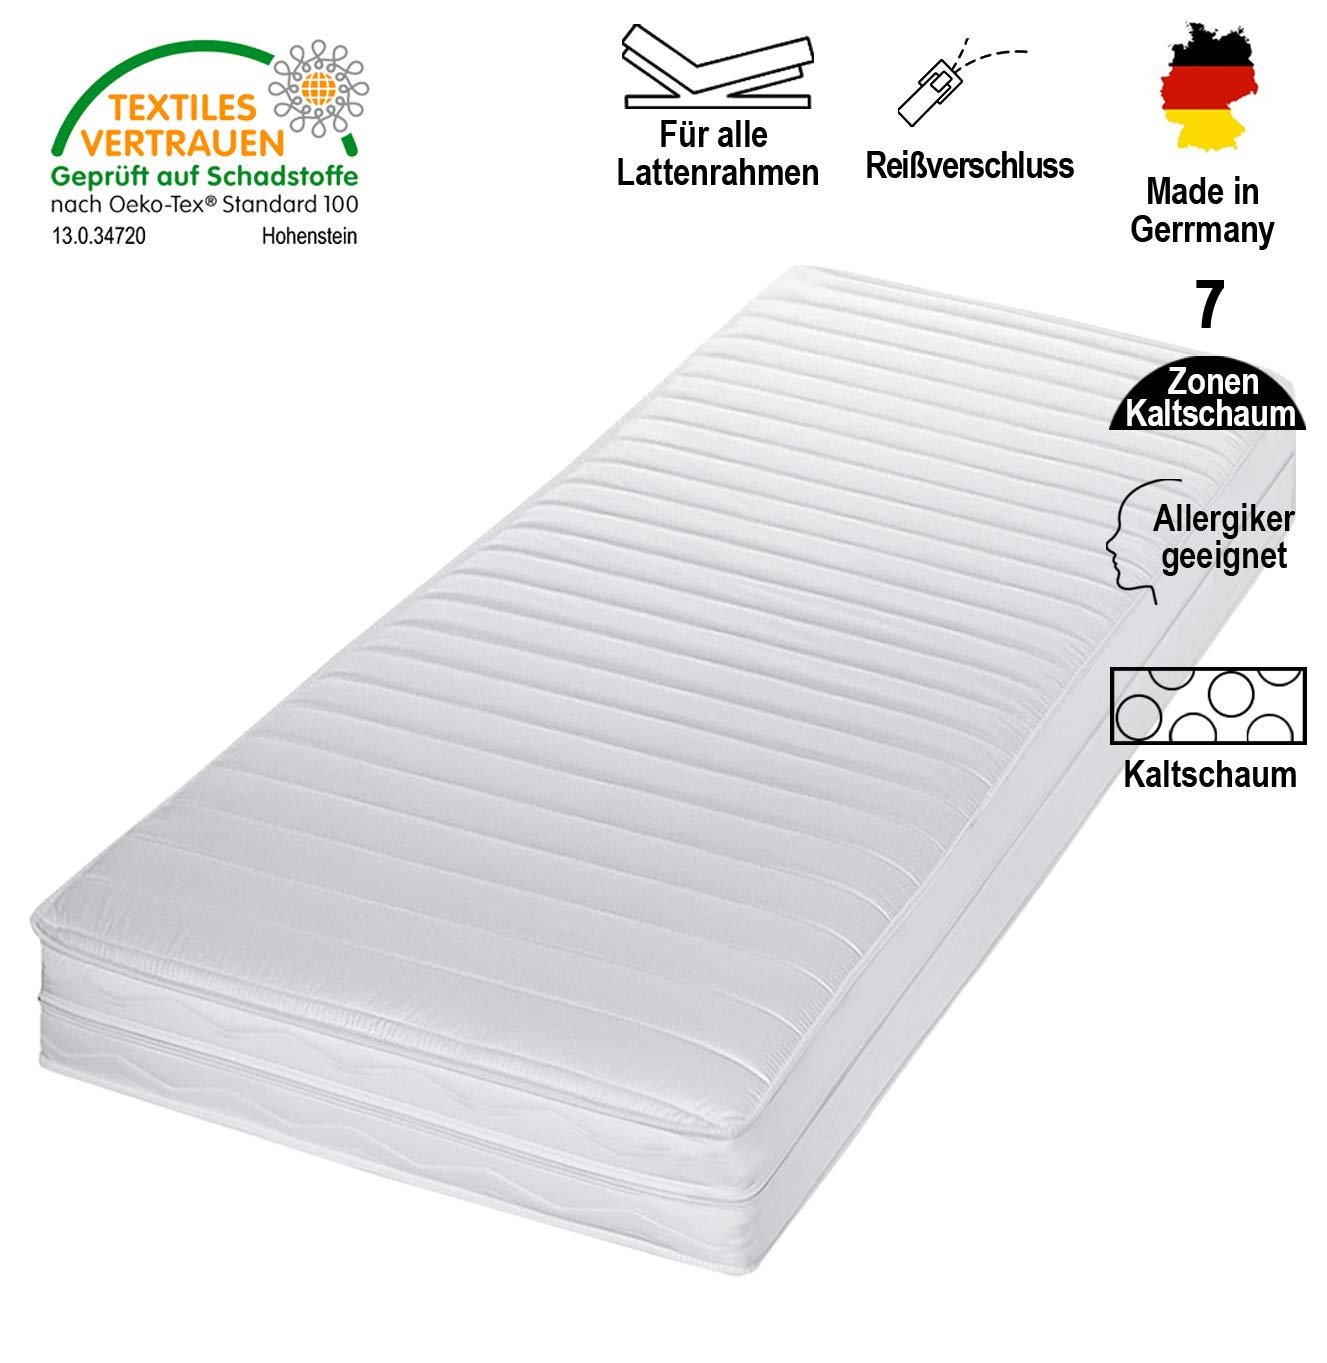 Cpt hydrovital Kaltschaummatratze - 7 Zonen Matratze - Härtegrad H2 H3 - Rollmatratze - Made IN Germany (80 x 200 x 16 cm, H2)